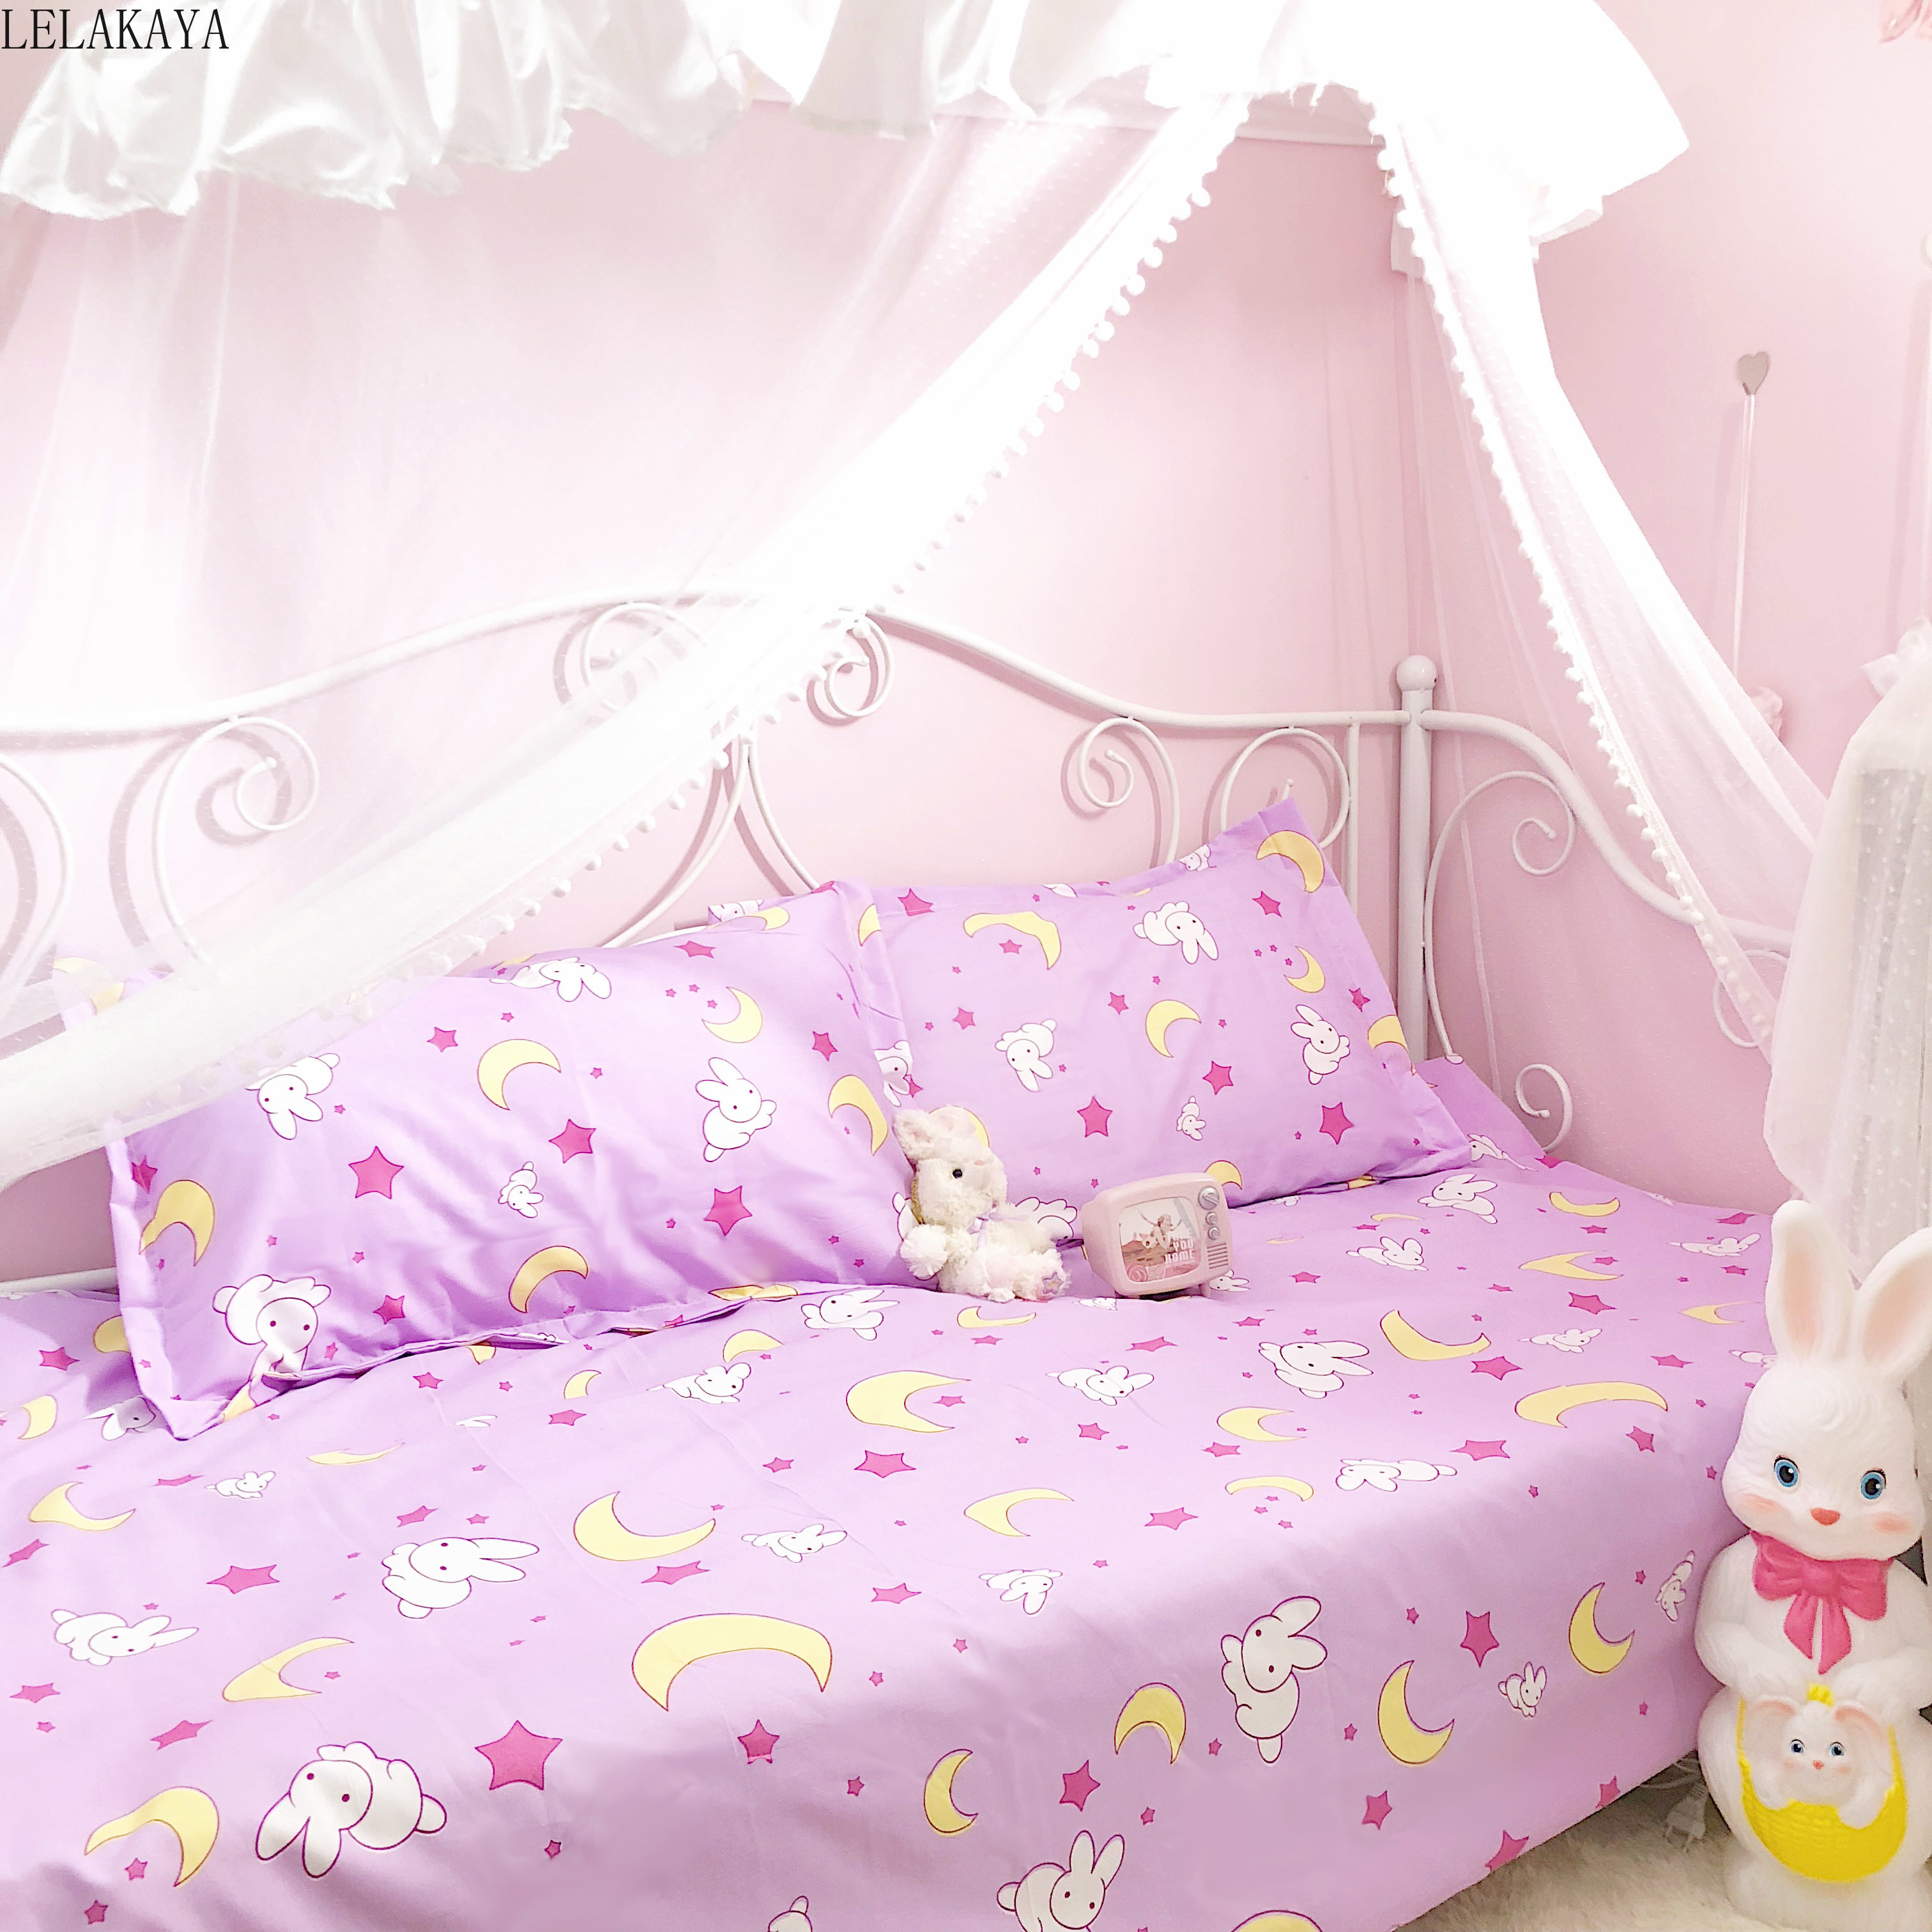 Sailor Moon Аниме мультфильм Плюшевые простыни пододеяльник наволочка плюшевые мягкие детские модные украшения плюшевая игрушка для общежития